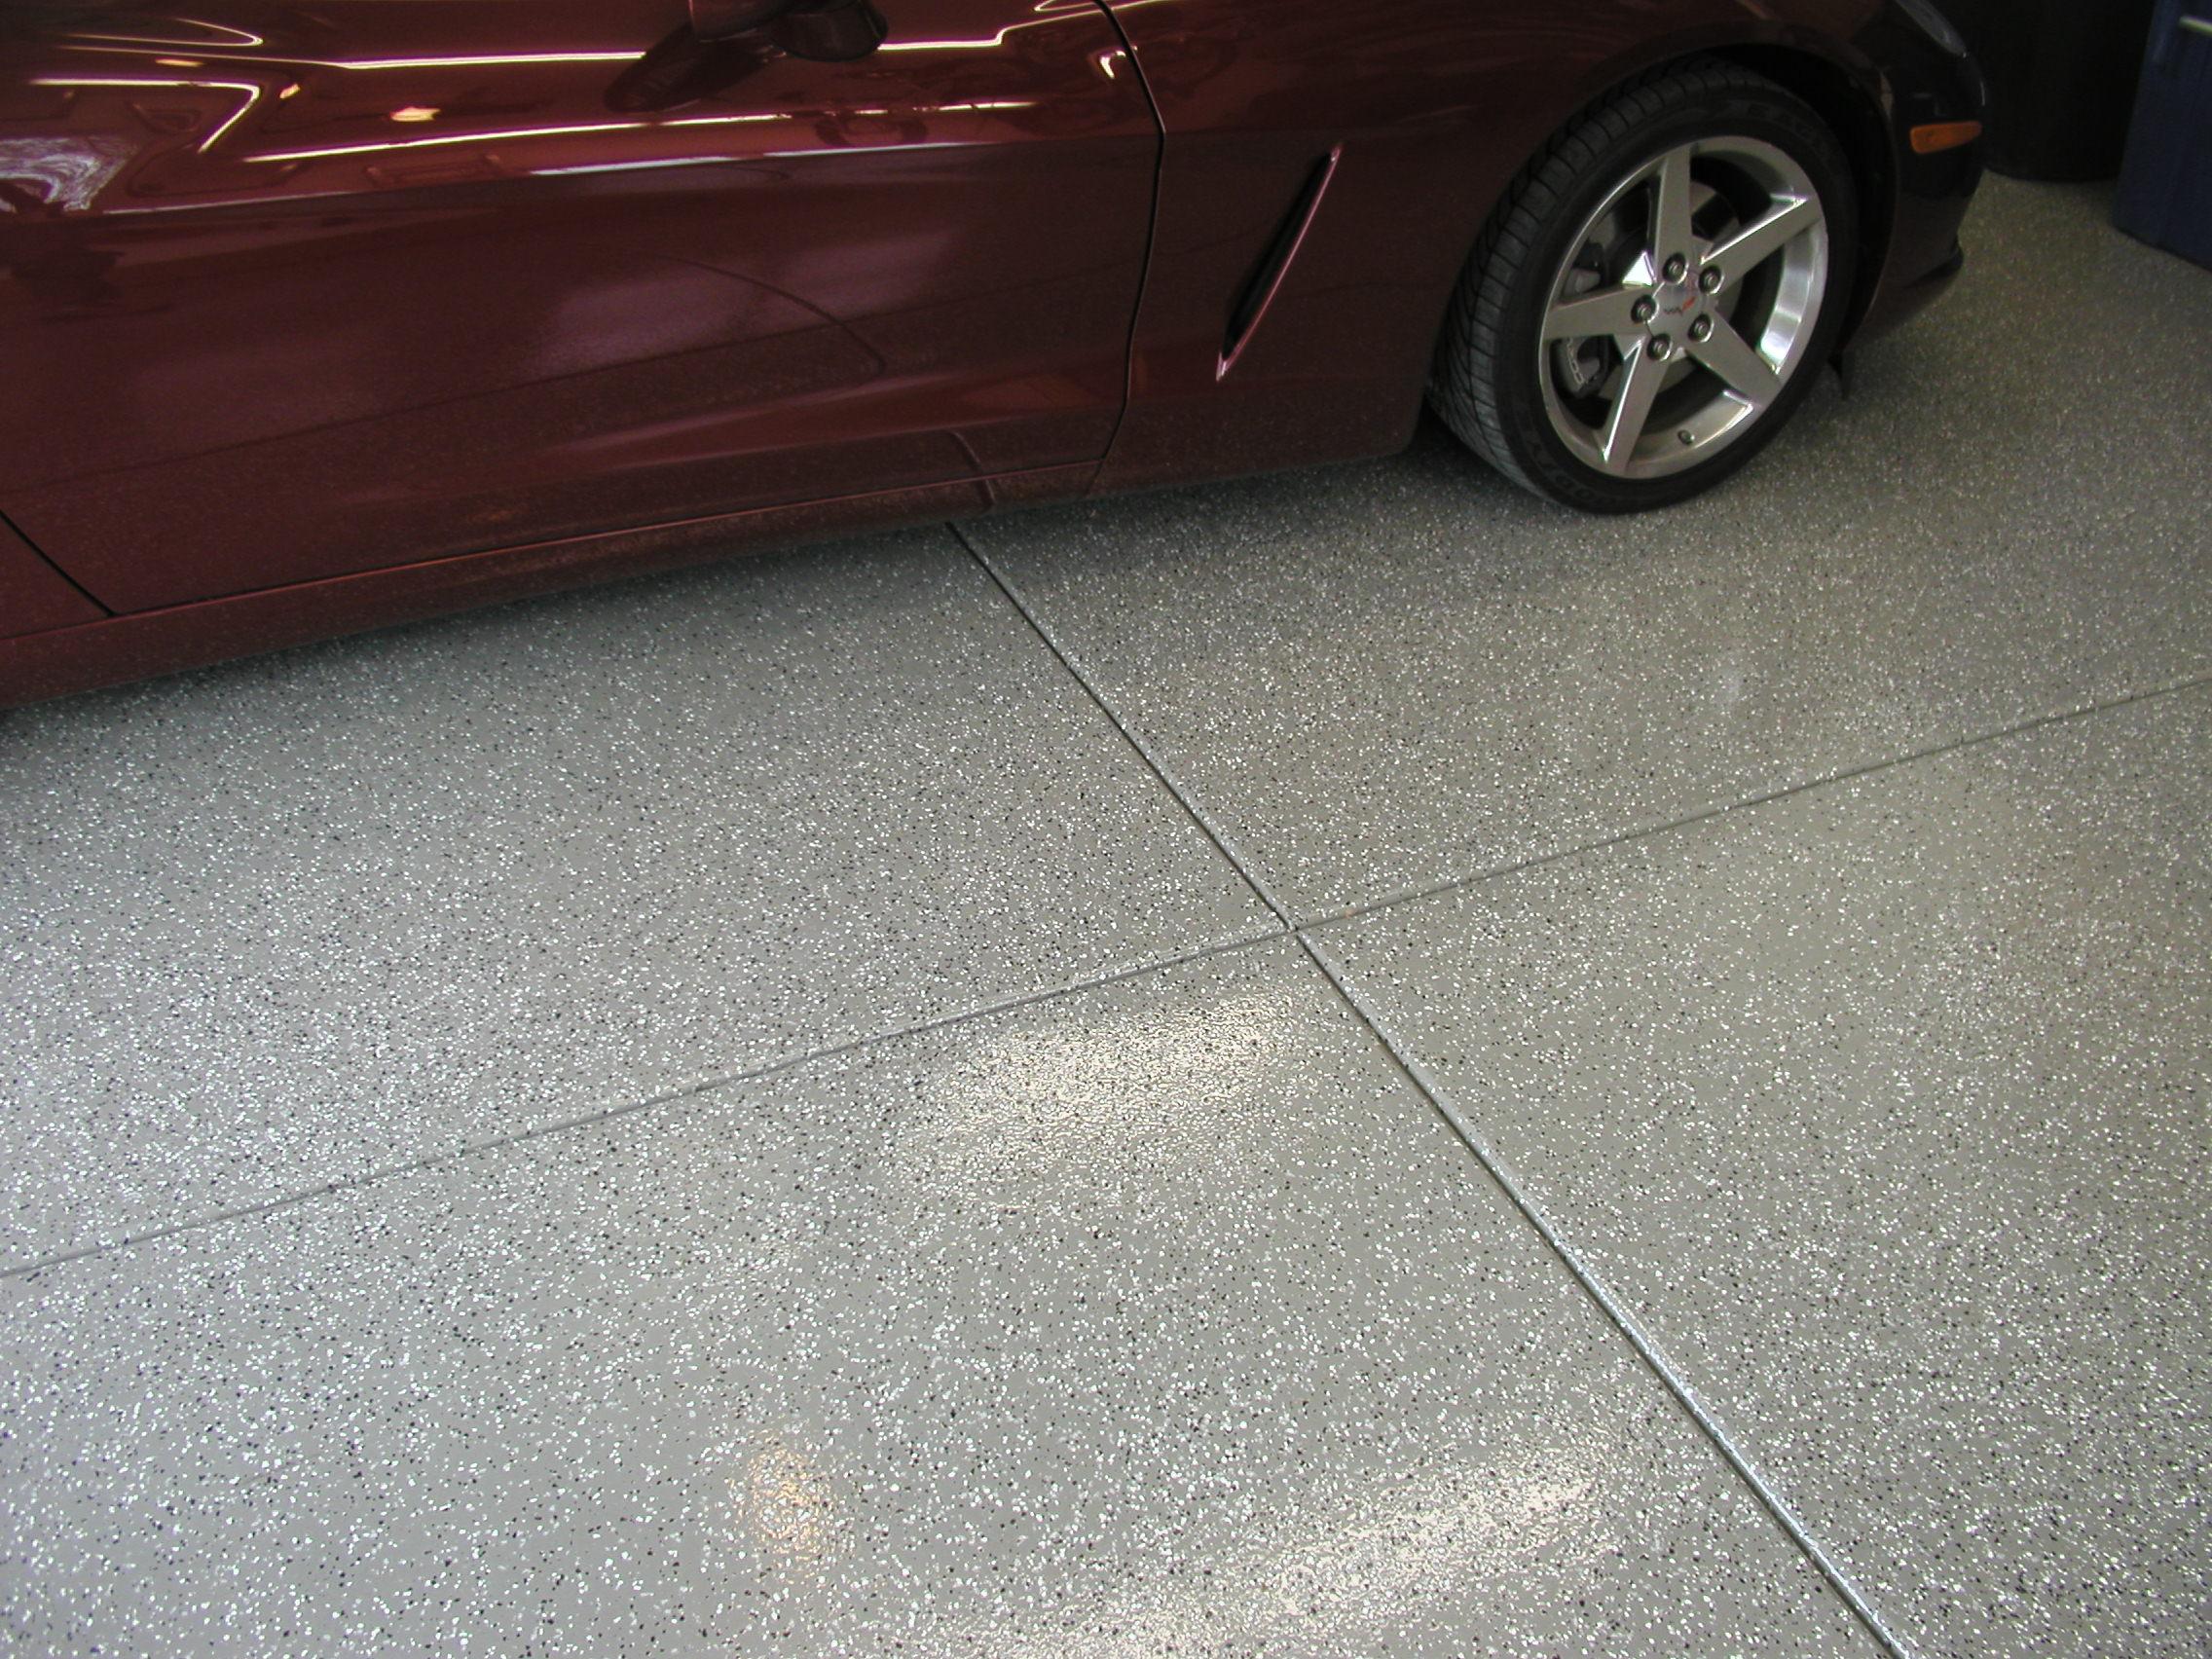 Piso de resina epoxi em garagem- resiste tanto ao tráfego de veículos quanto ao aparecimento de manchas por conta do óleo ou graxa